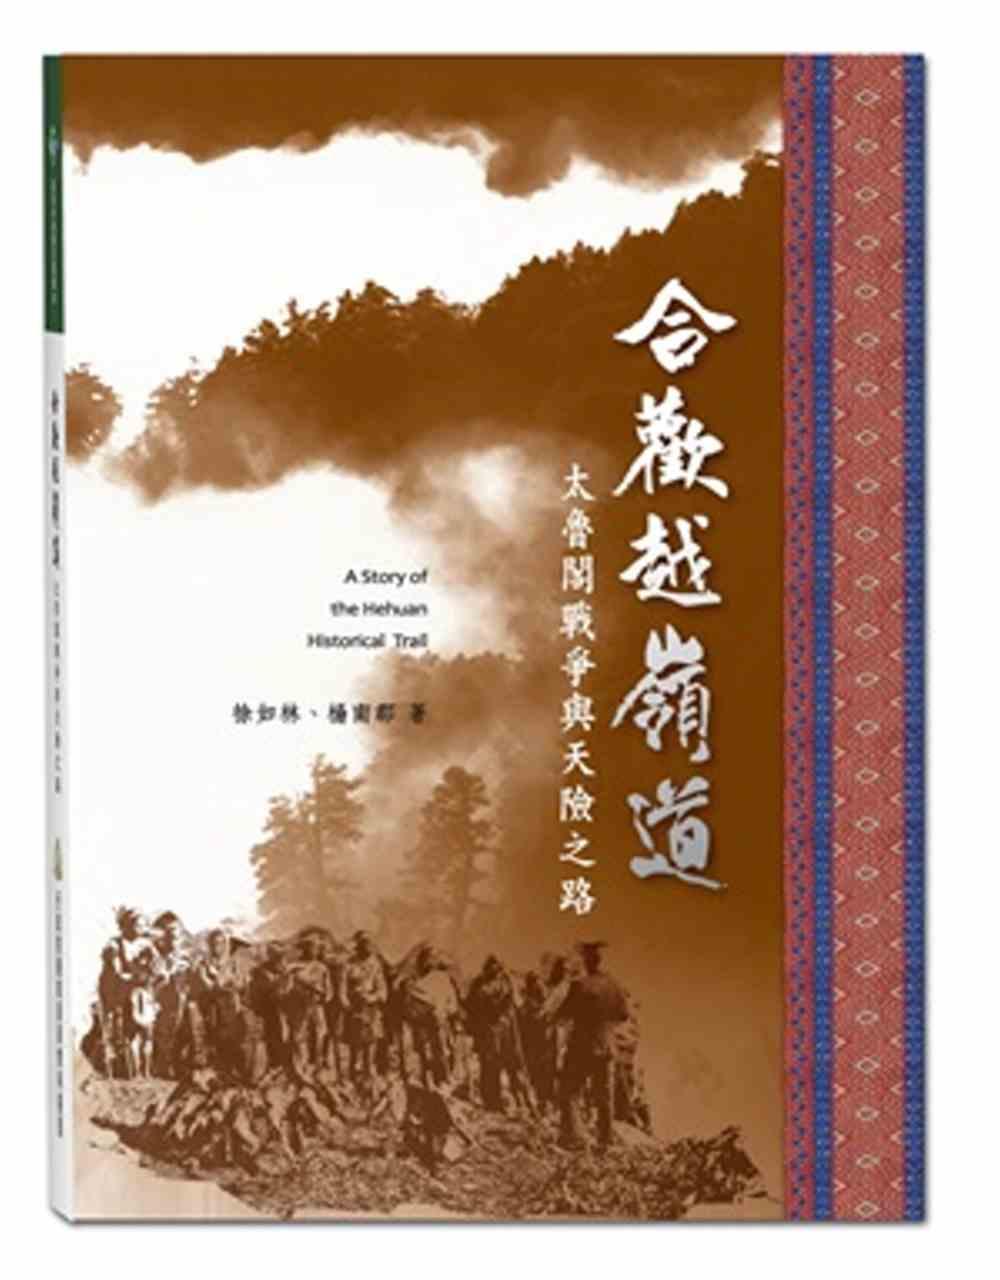 合歡越嶺道:太魯閣戰爭與天險之路^(國家步道歷史叢書03^)